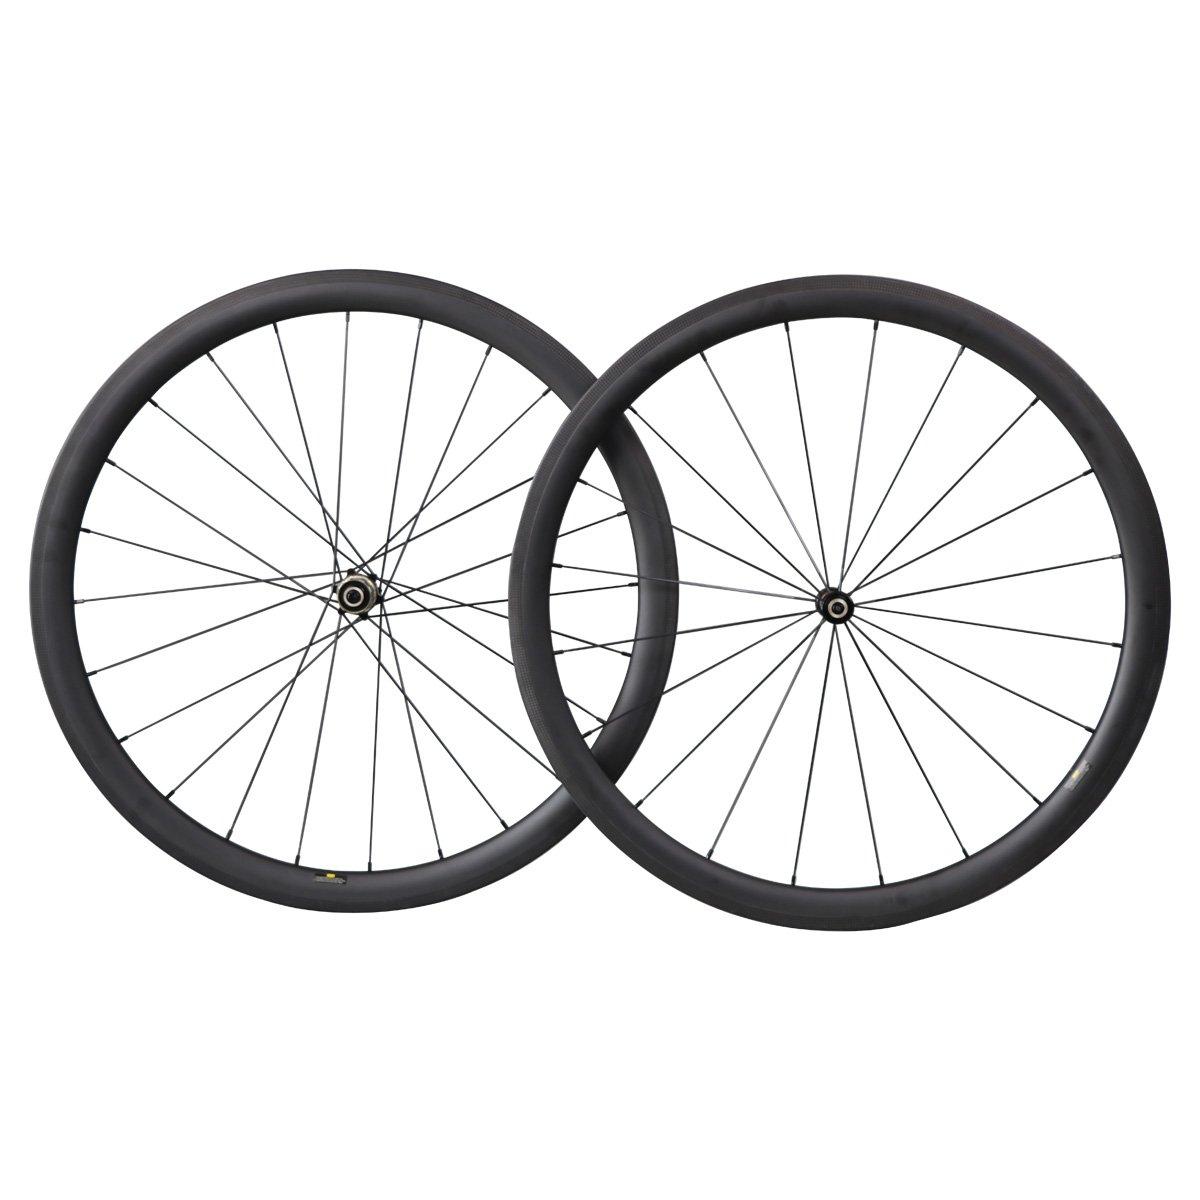 ICAN Ruedas de bicicleta de carretera ruedas de carbono 40mm Clincher Tubeless Ready Straight Pull Novatec Buje Shimano 10/11 Velocidad solamente 1505g: ...